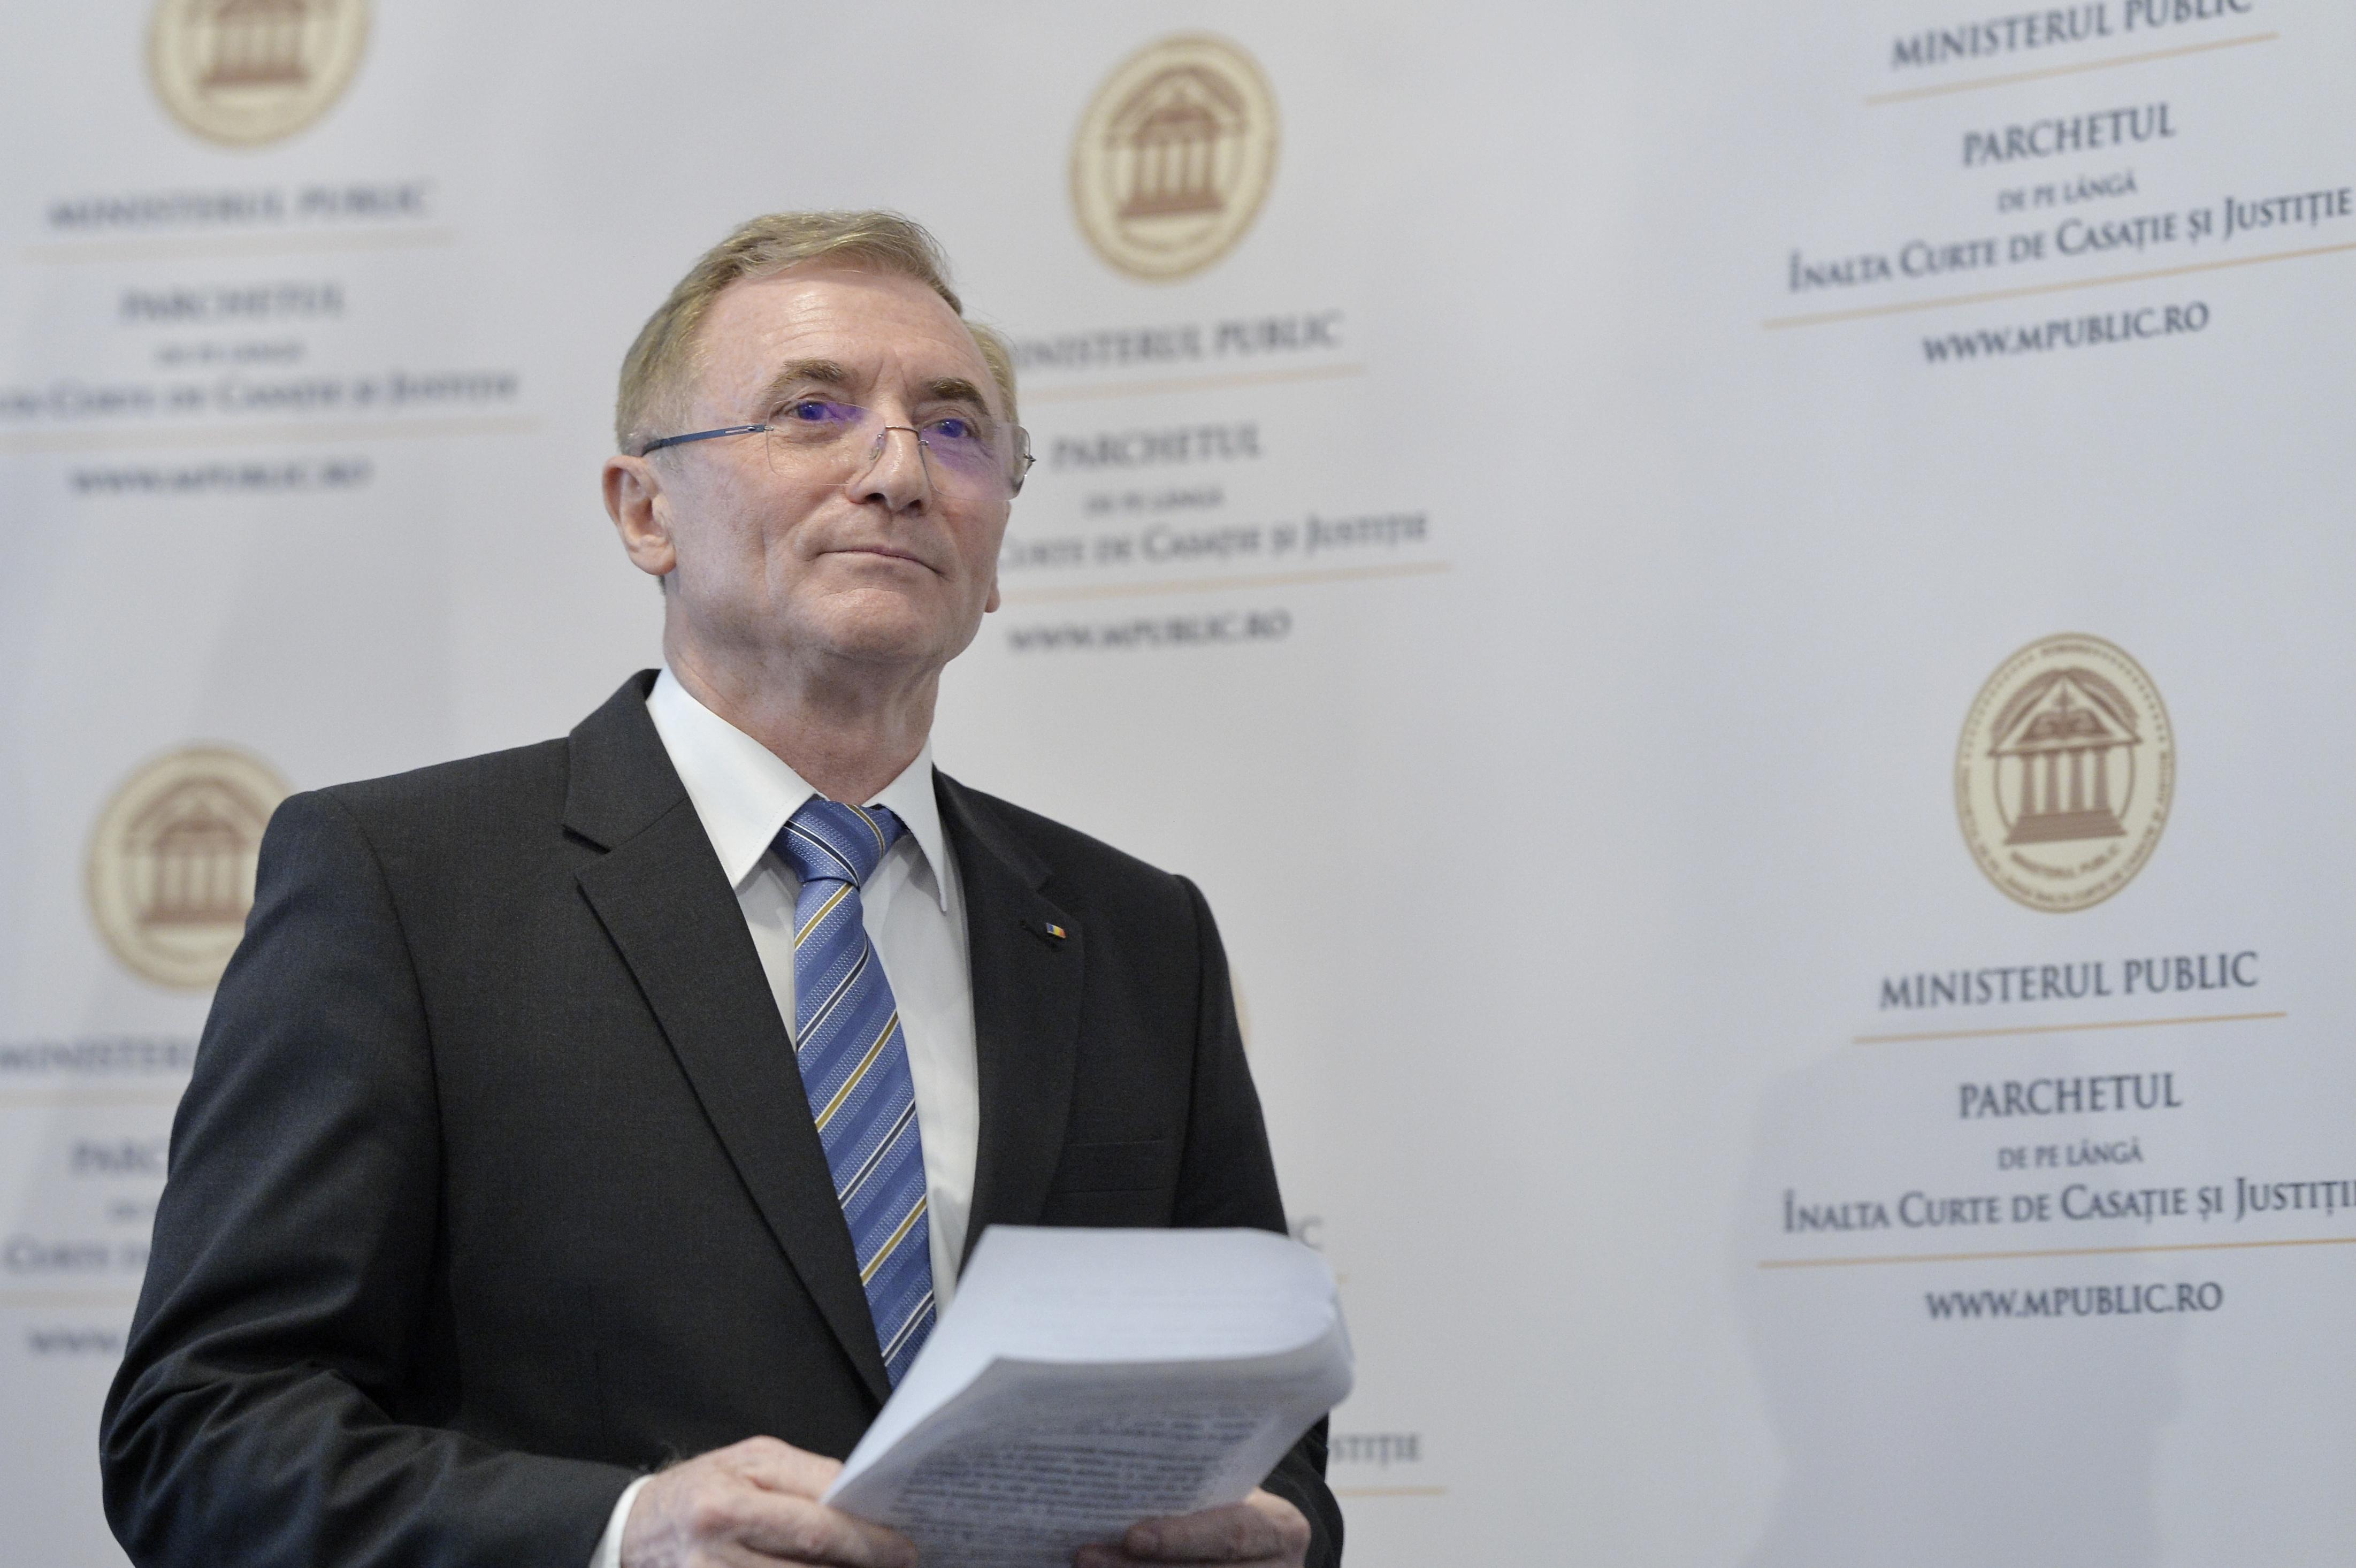 Andreea Tonciu Wikipedia declaraȚia zilei augustin lazăr cere scuze opiniei publice